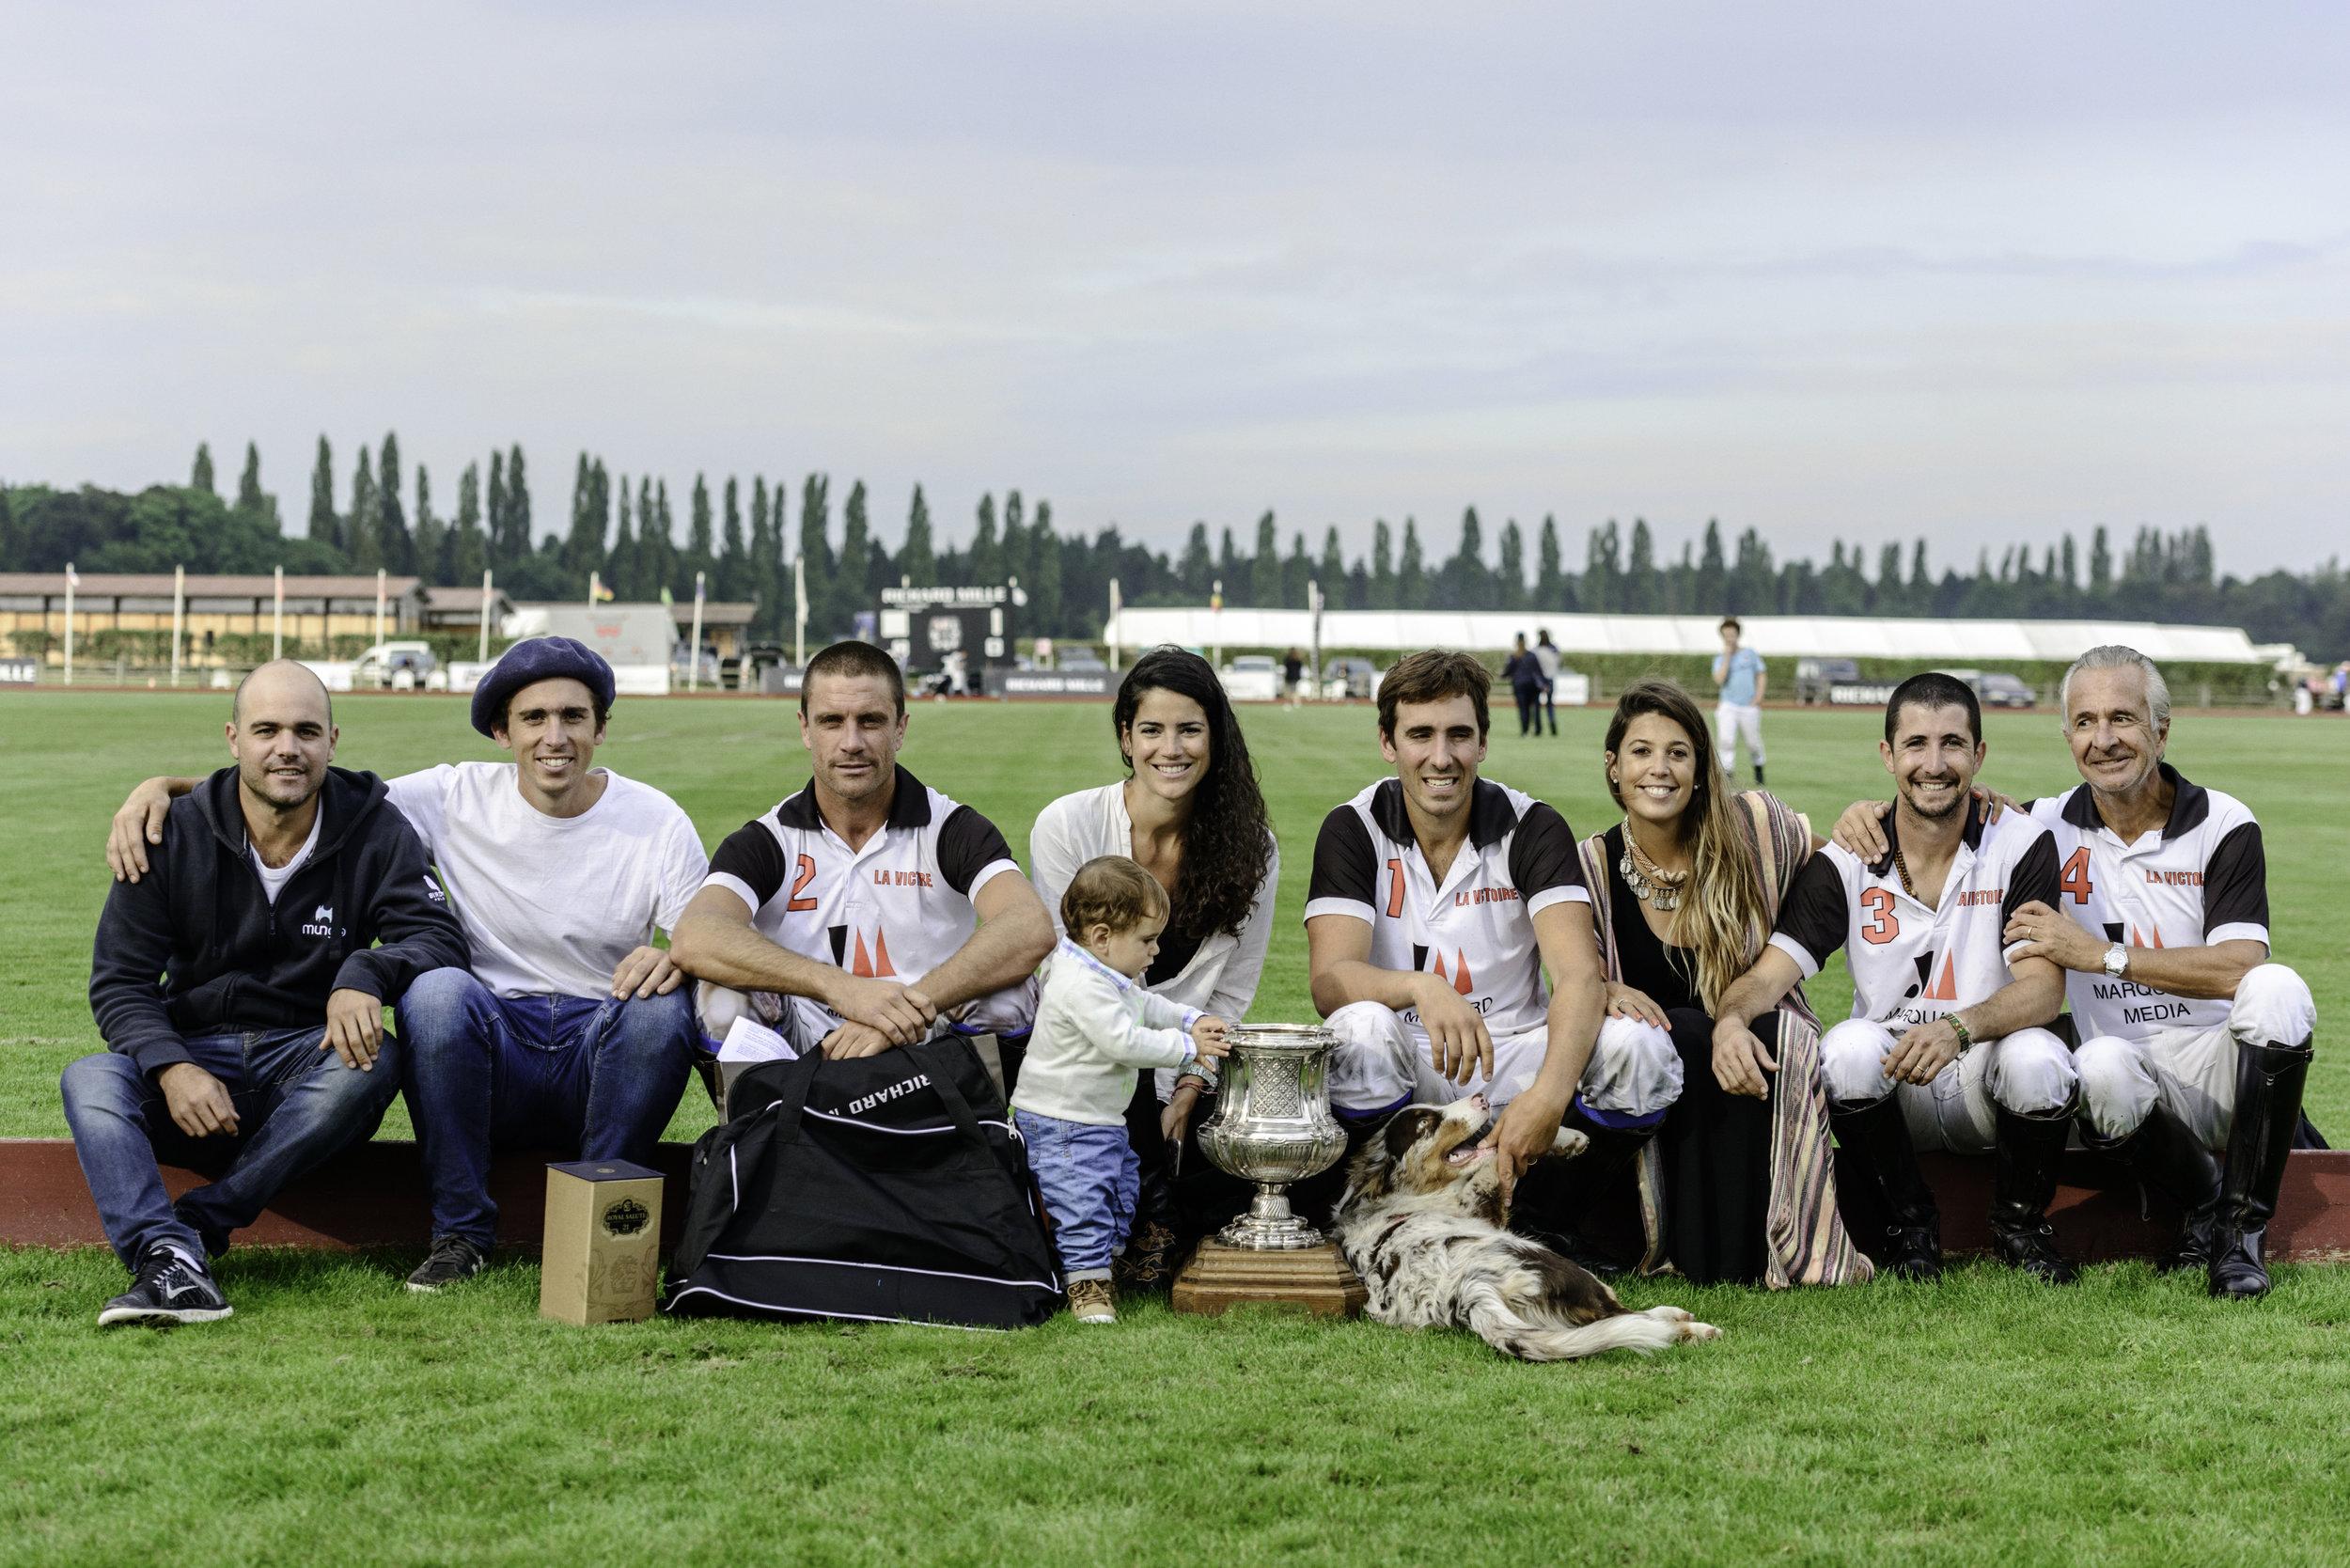 Marquard Media équipe vainqueur de l'Open de France 2016 au Polo Club du Domaine de Chantilly Marquard Media polo team winner of the 2016 Open de France at Chantilly Polo Club